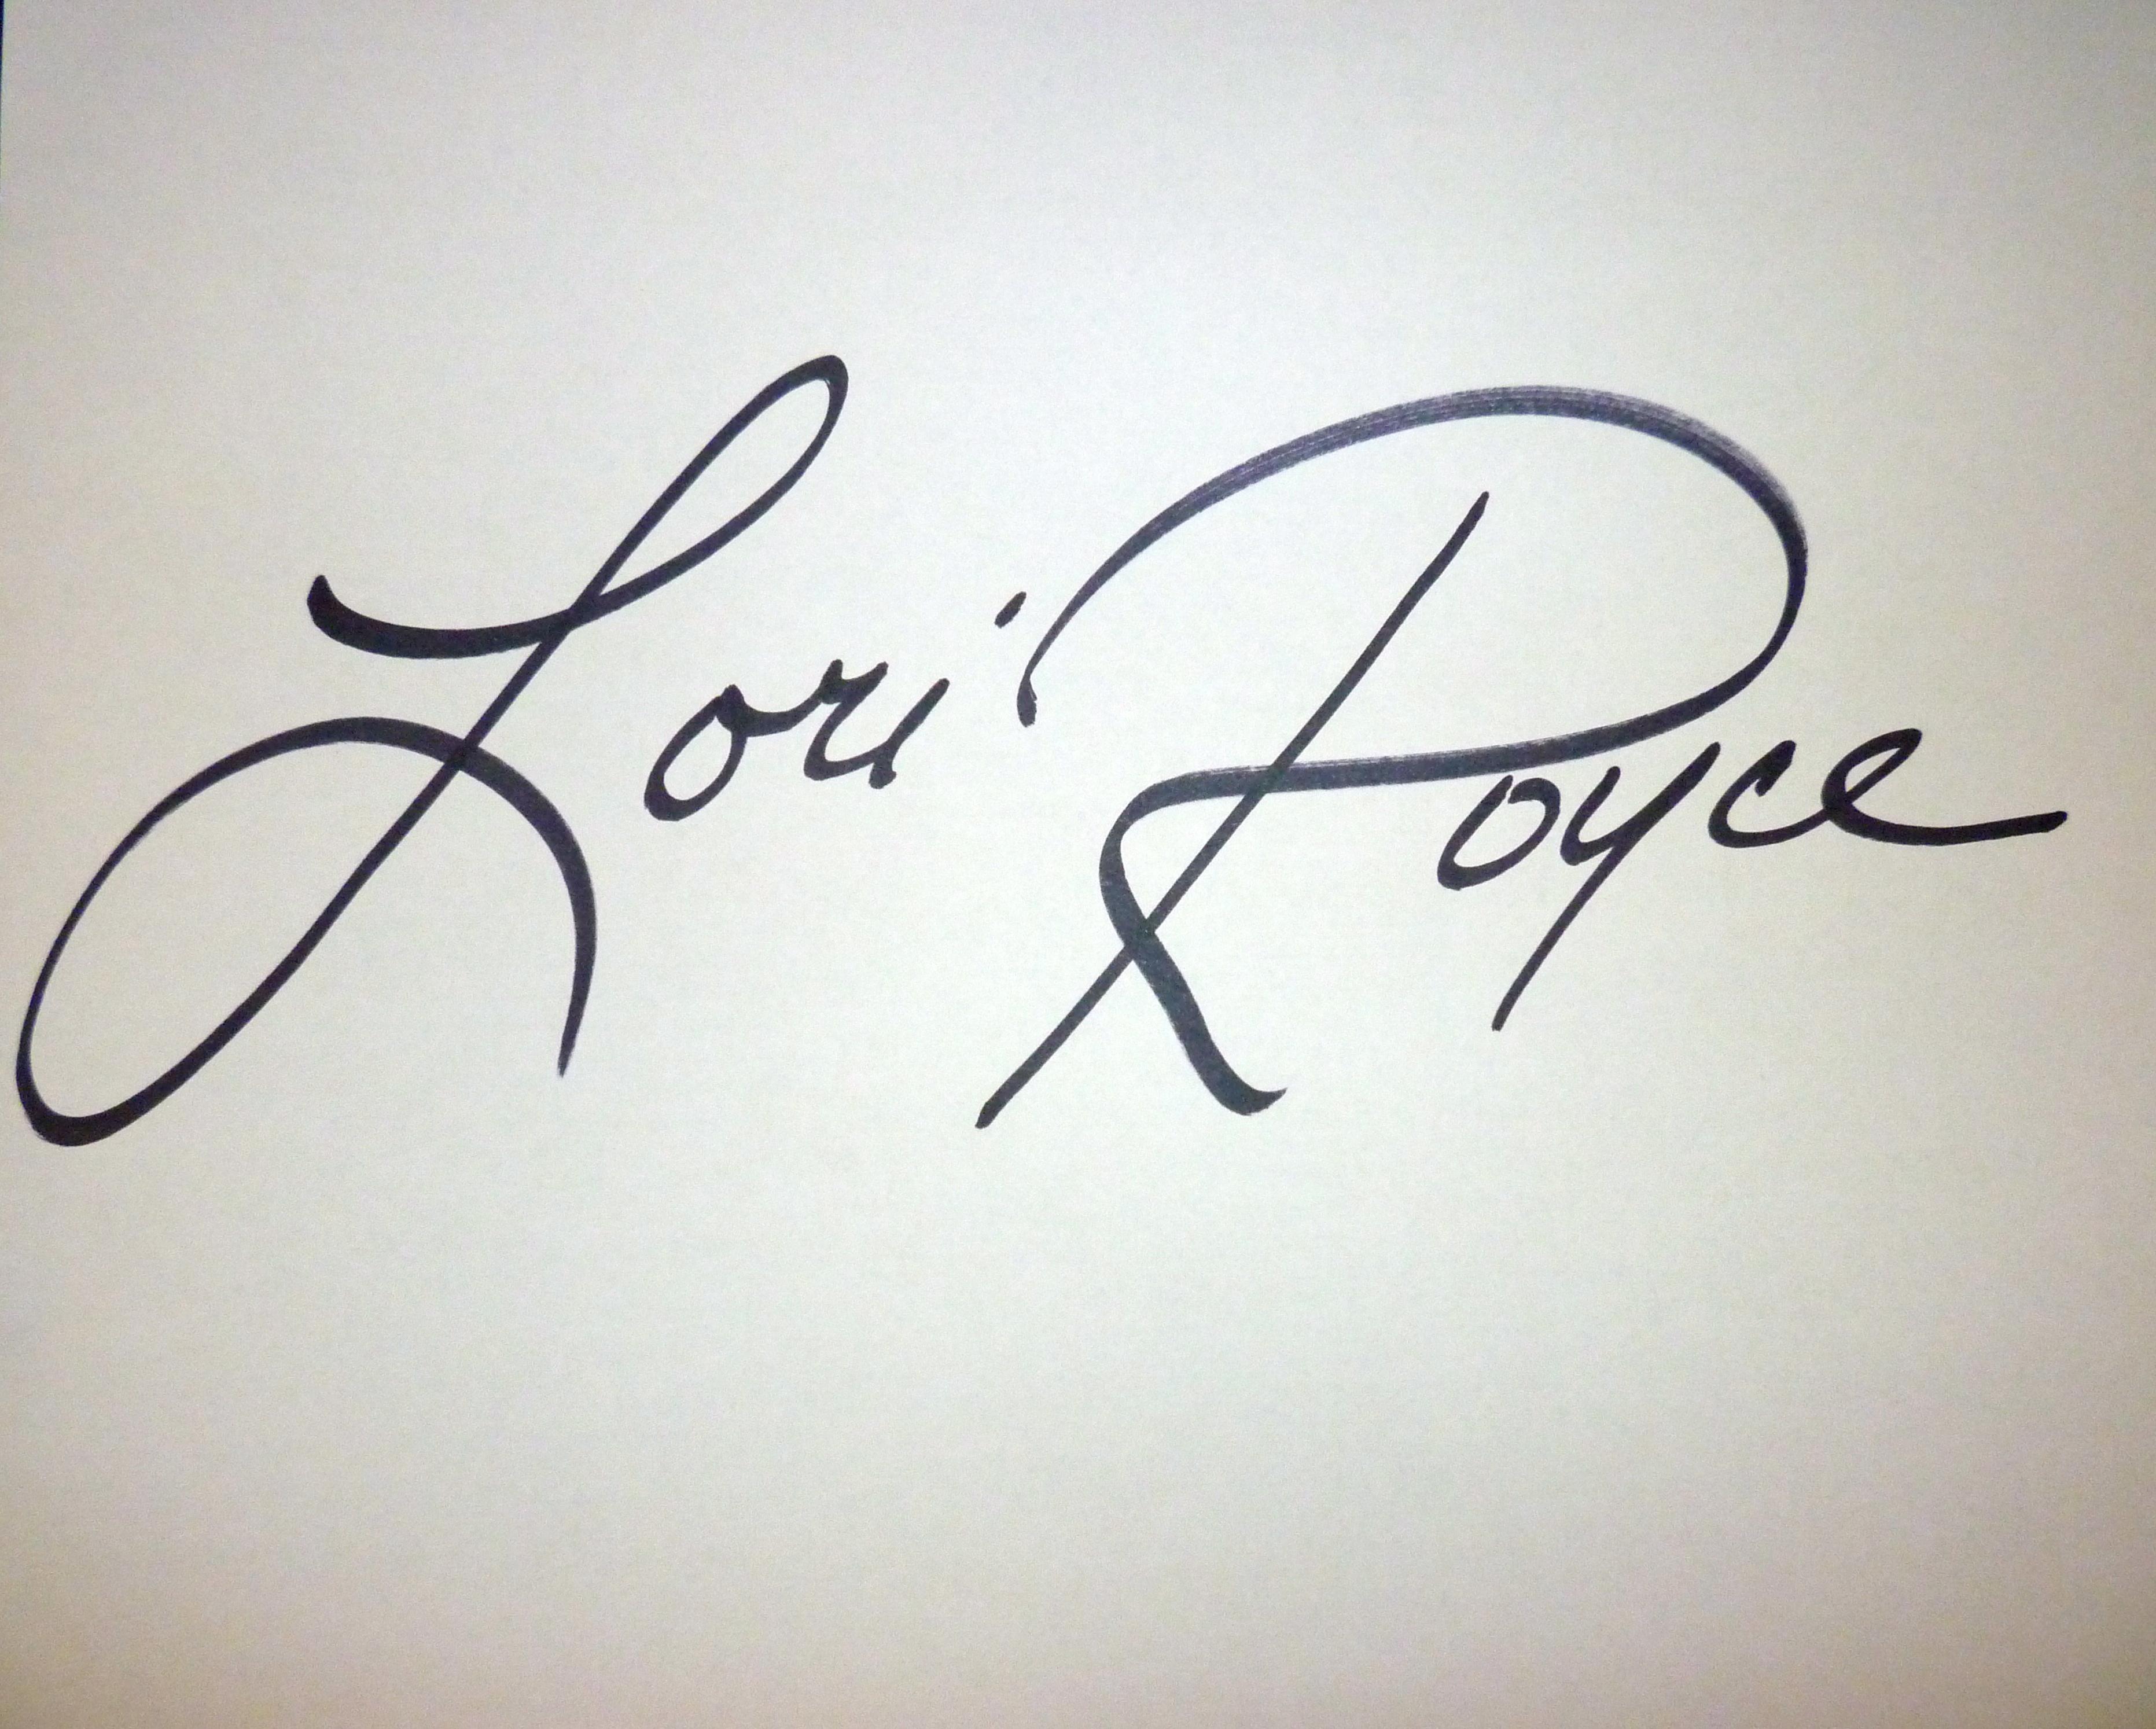 lori royce Signature